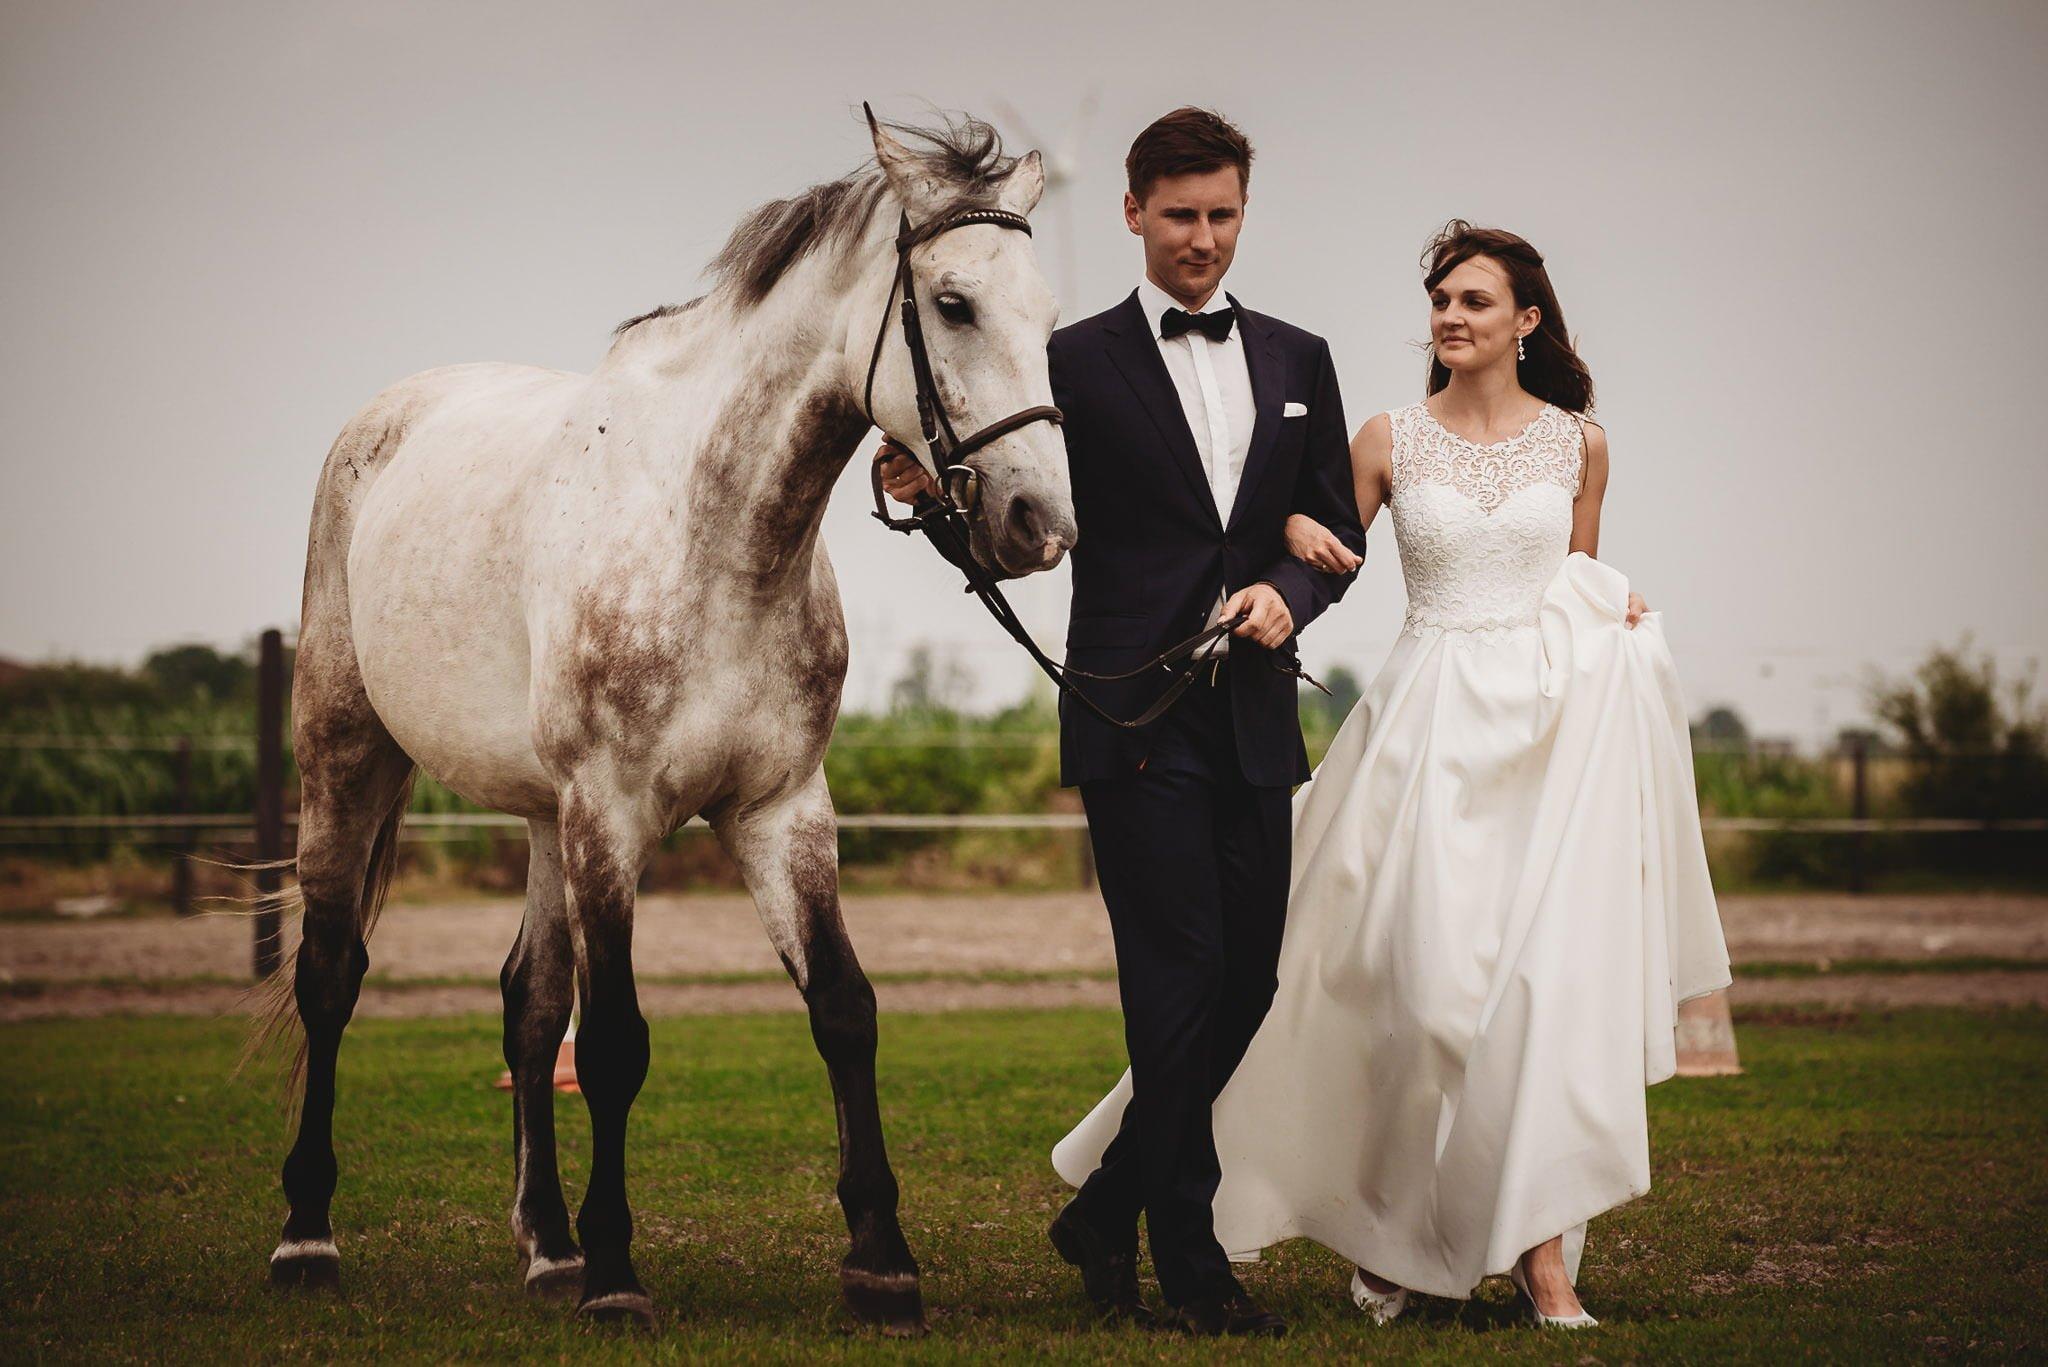 Monika i Michał, wesele w Paryżu i sesja plenerowa w stadninie koni w Czołowie 376